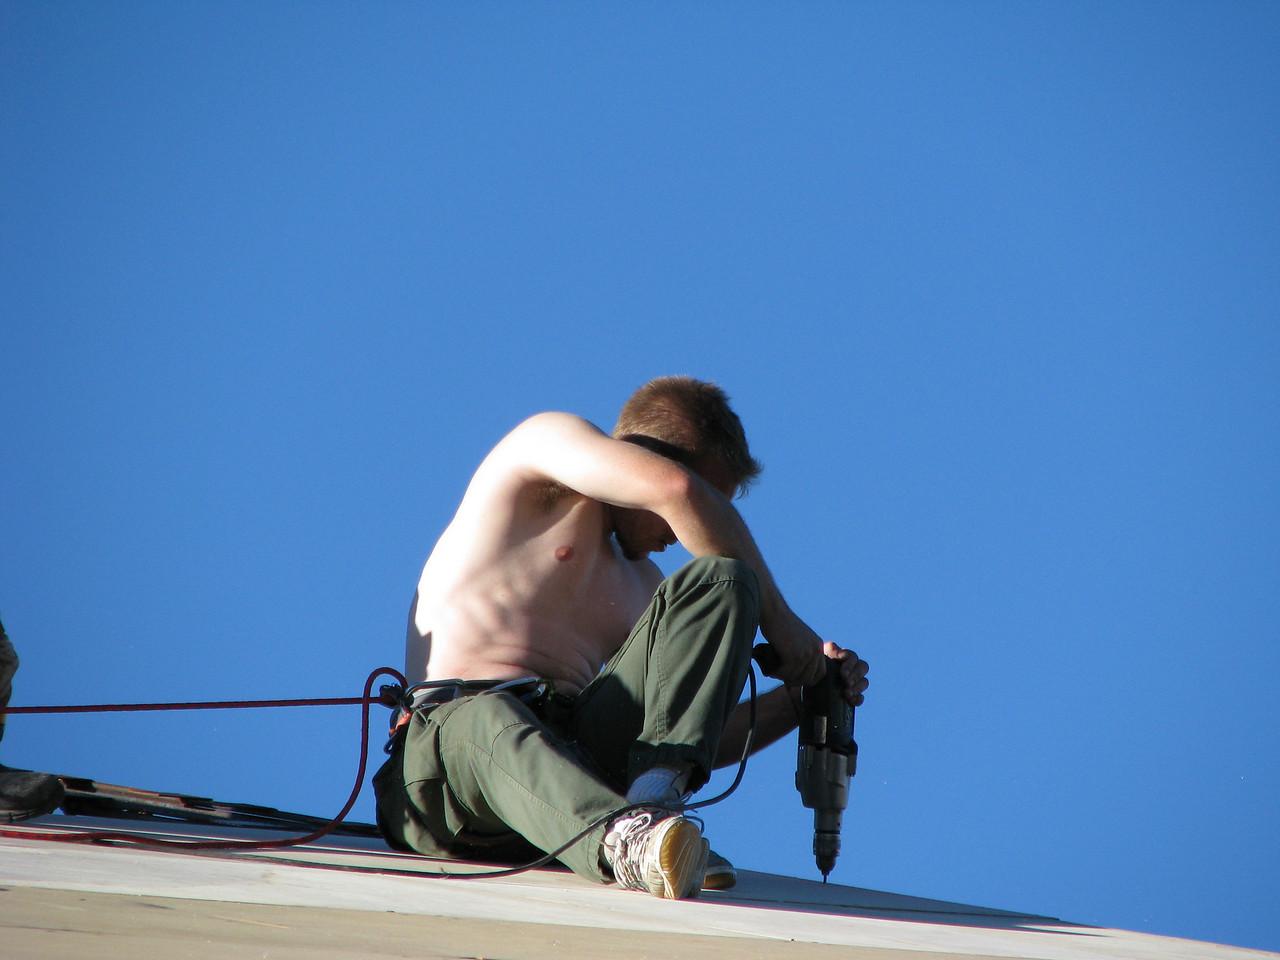 Lances_Roof-071